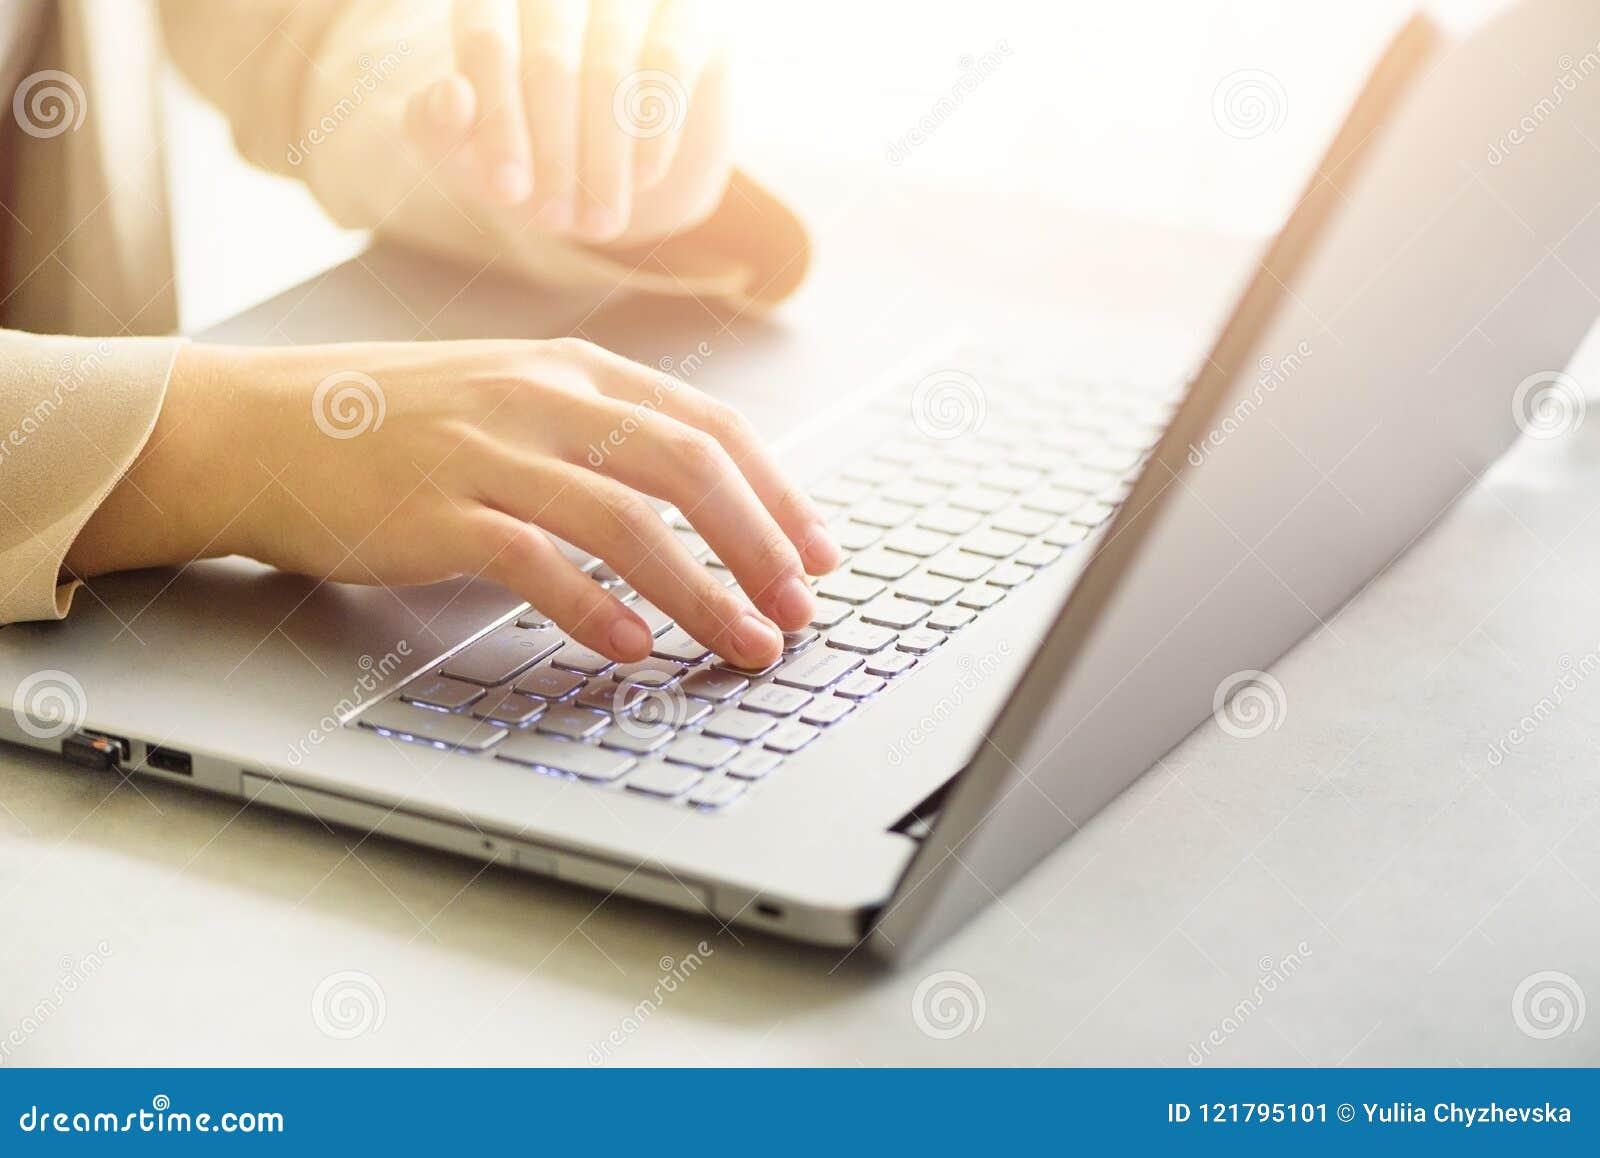 Femme travaillant à la fin d ordinateur  La femme remet la dactylographie sur le clavier de l ordinateur portable, détail en lign